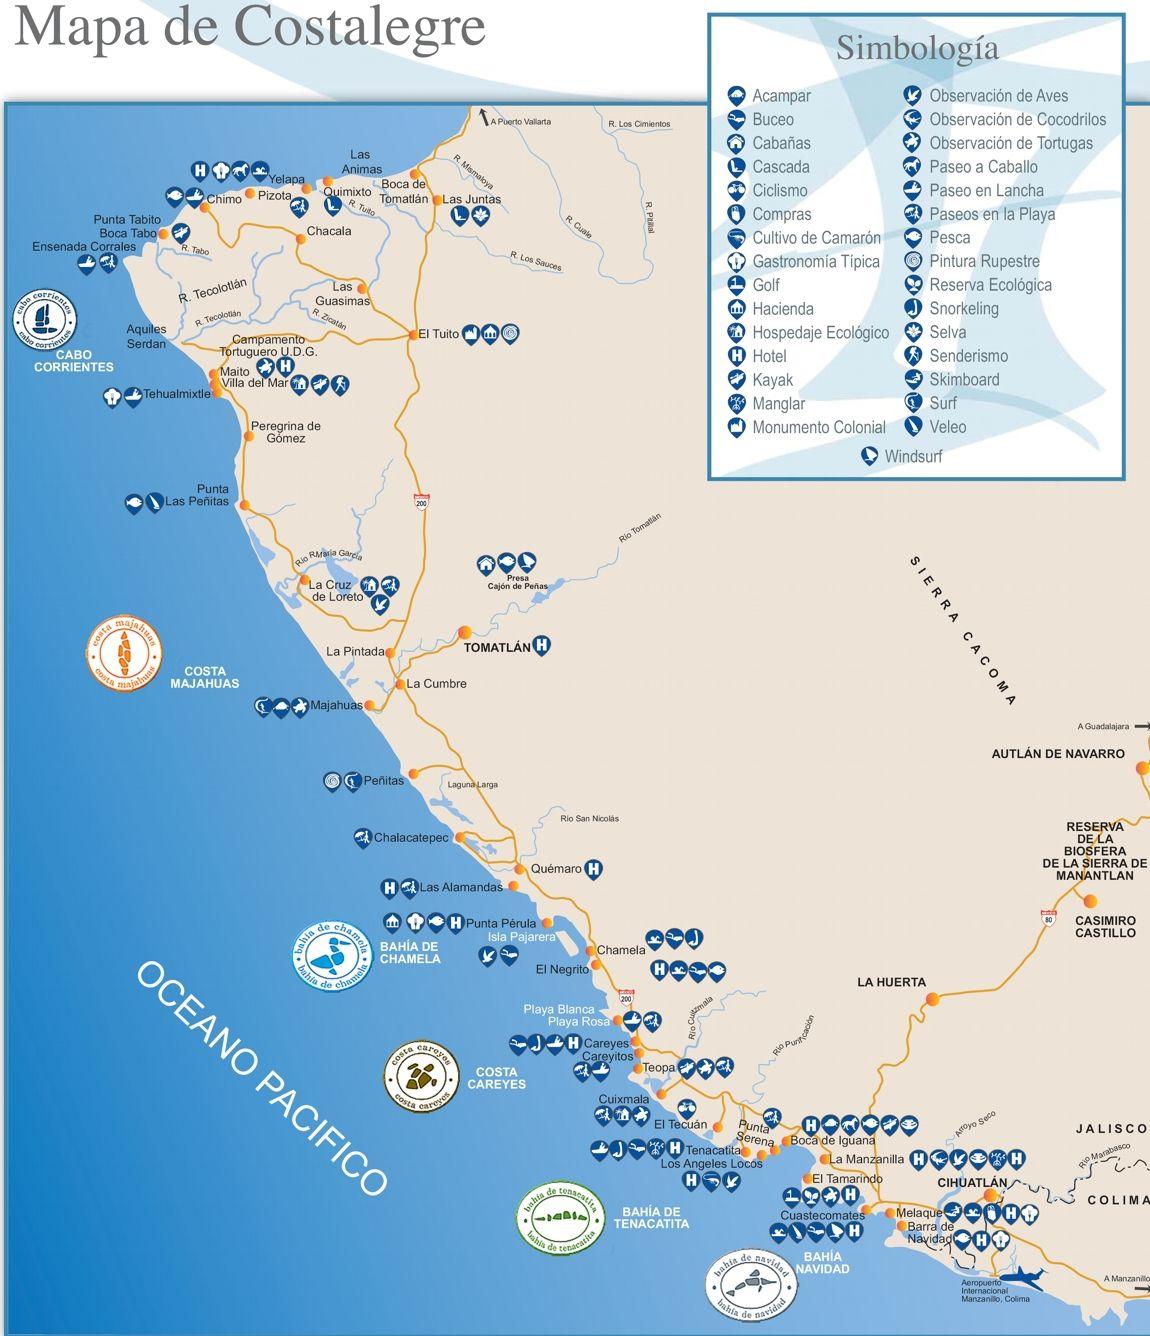 Mapa de la costa alegre Jalisco  Places  Pinterest  Mapa del